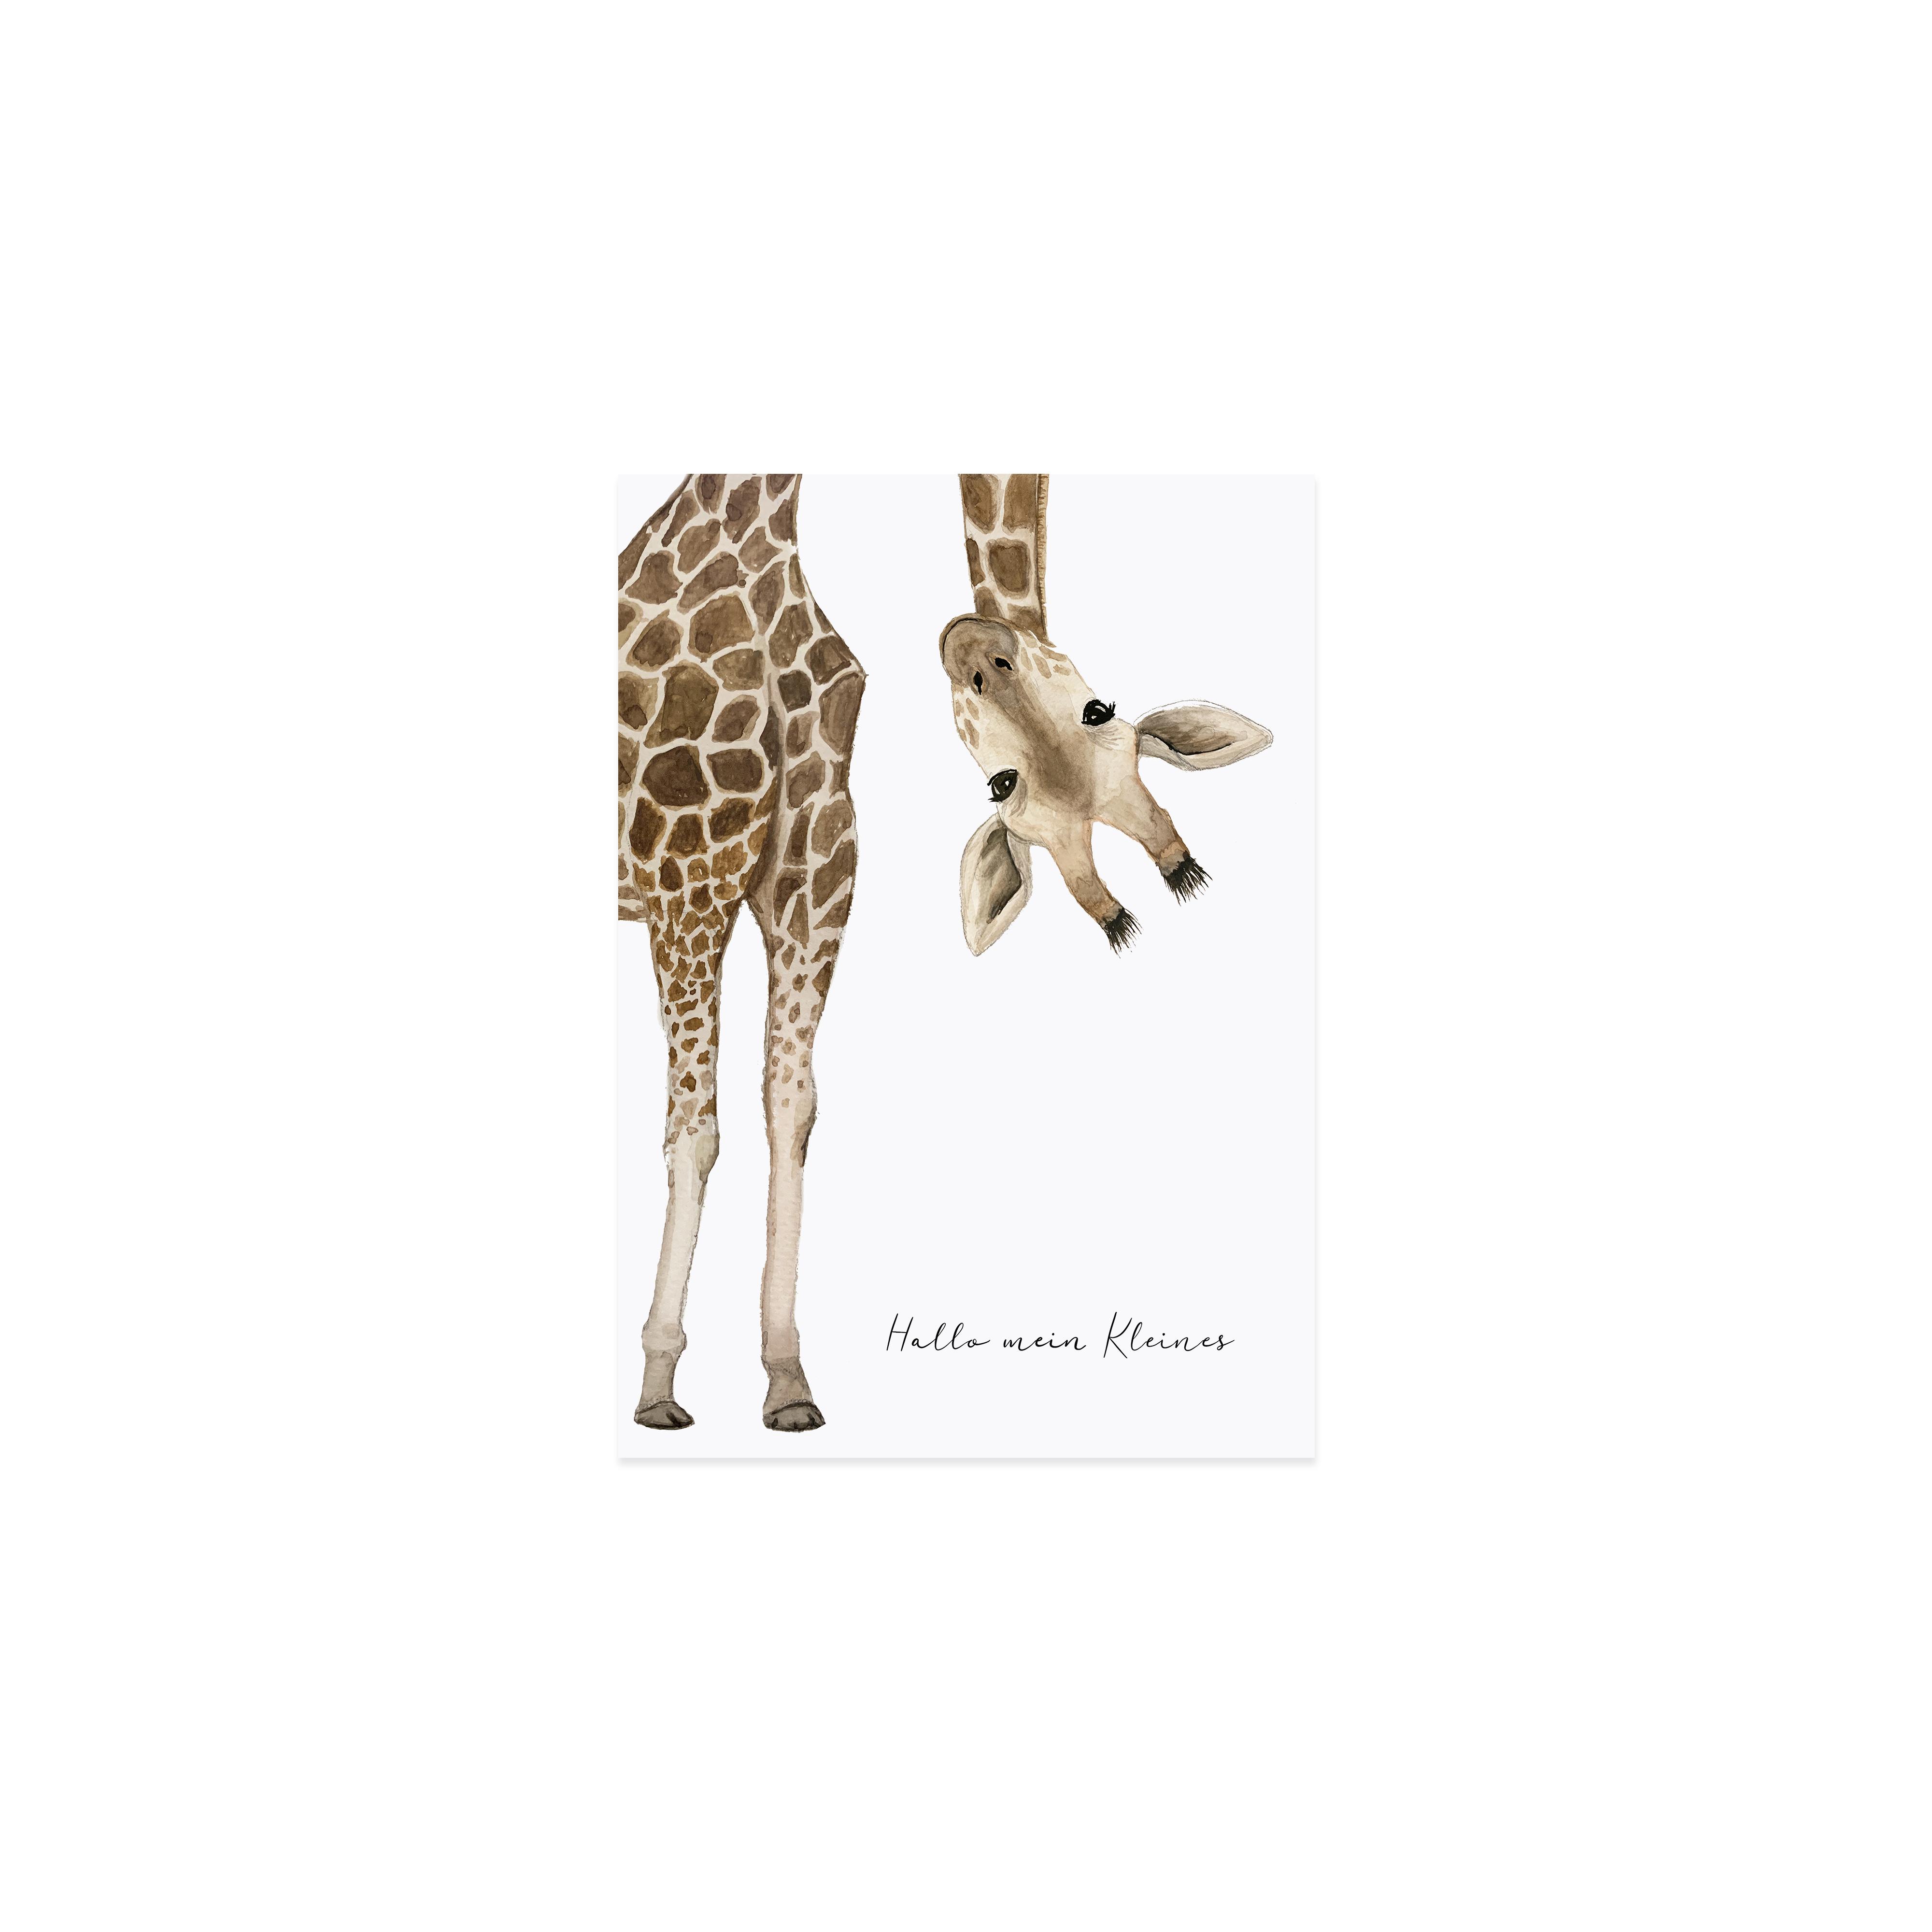 Postkarte - Giraffe - Eulenschnitt